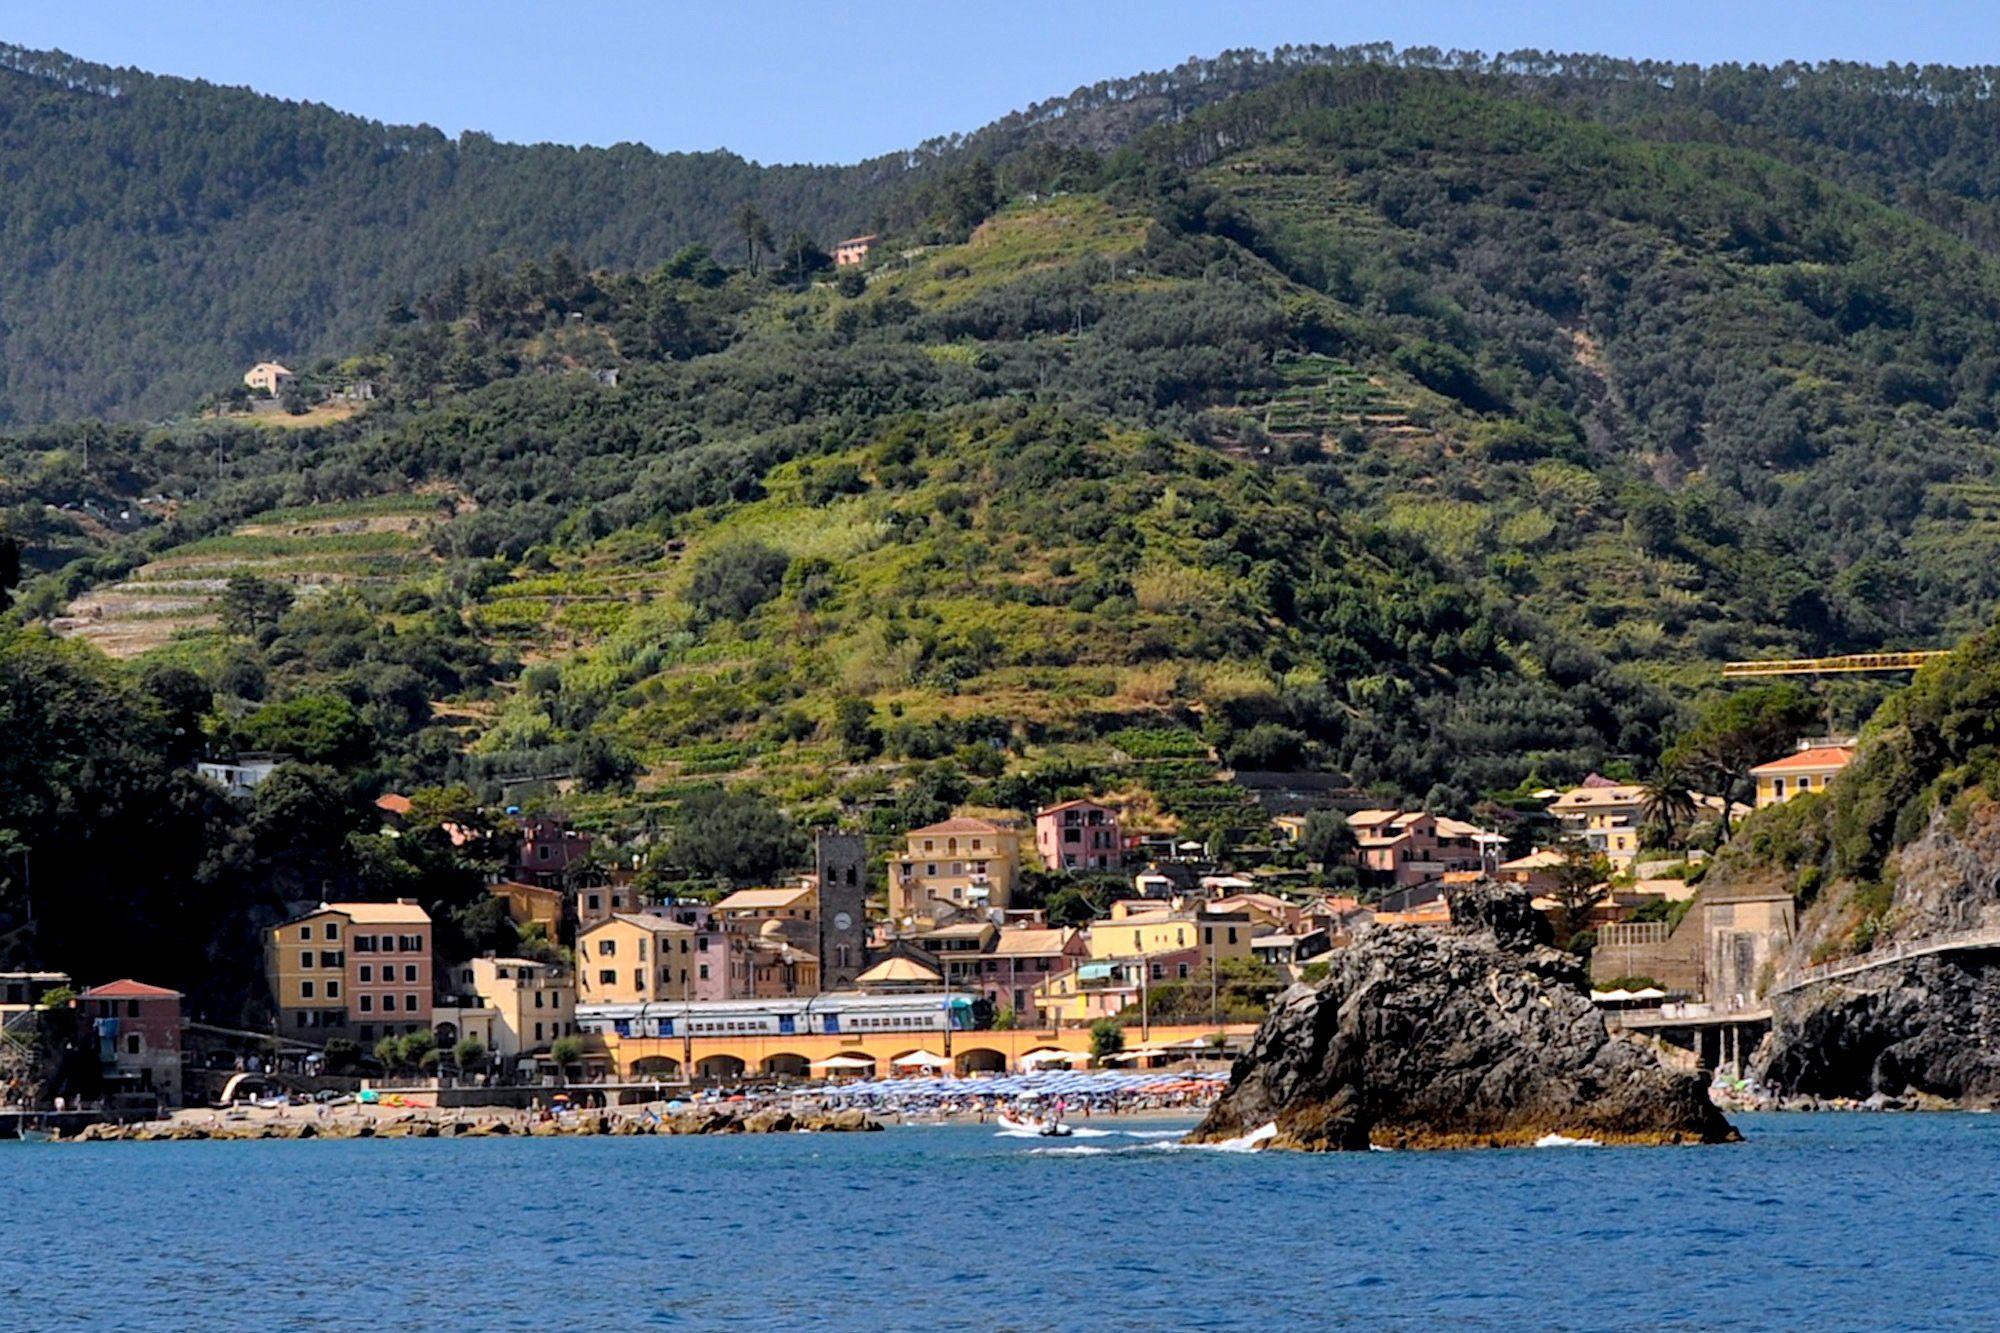 Cesare Charter Portofino - Tour Cinque Terre, Monterosso